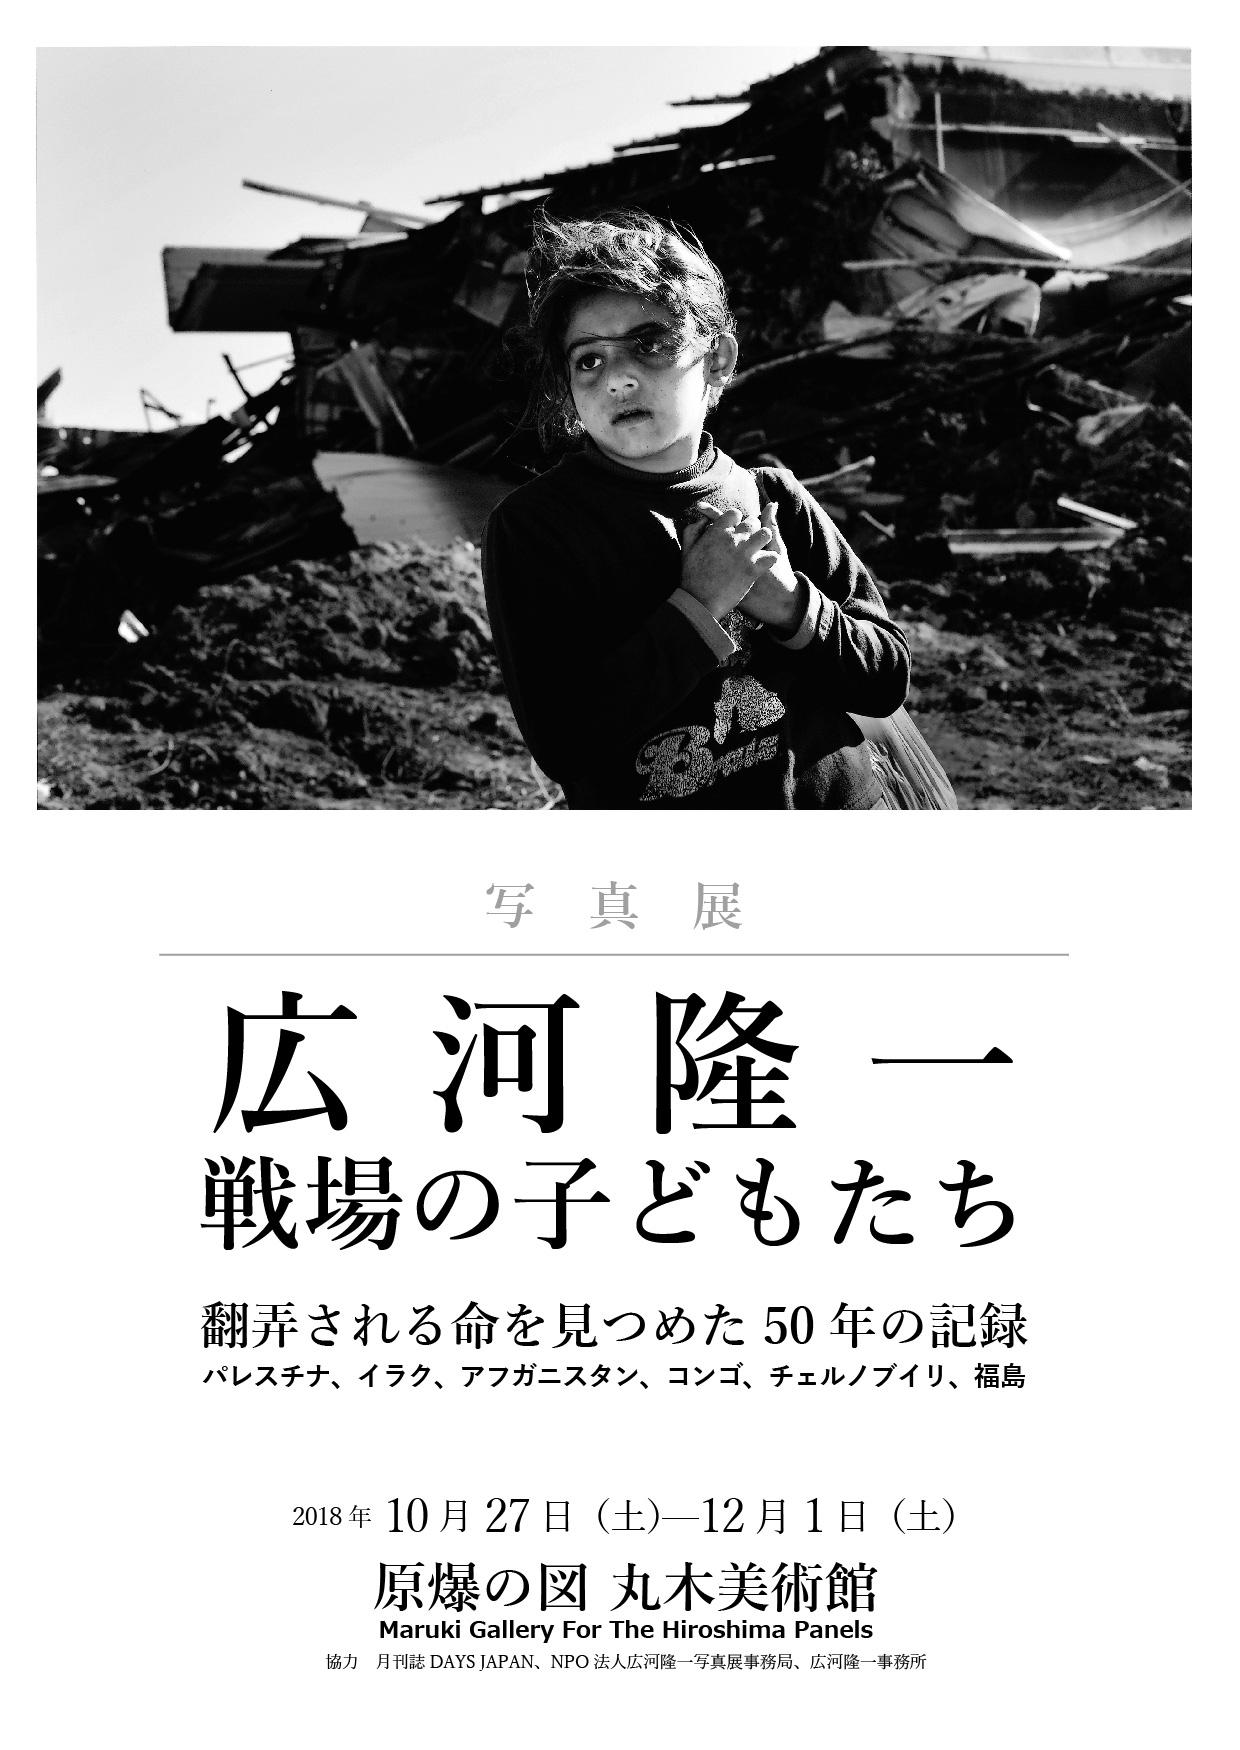 原爆の図丸木美術館 広河隆一写真展 戦場の子どもたち